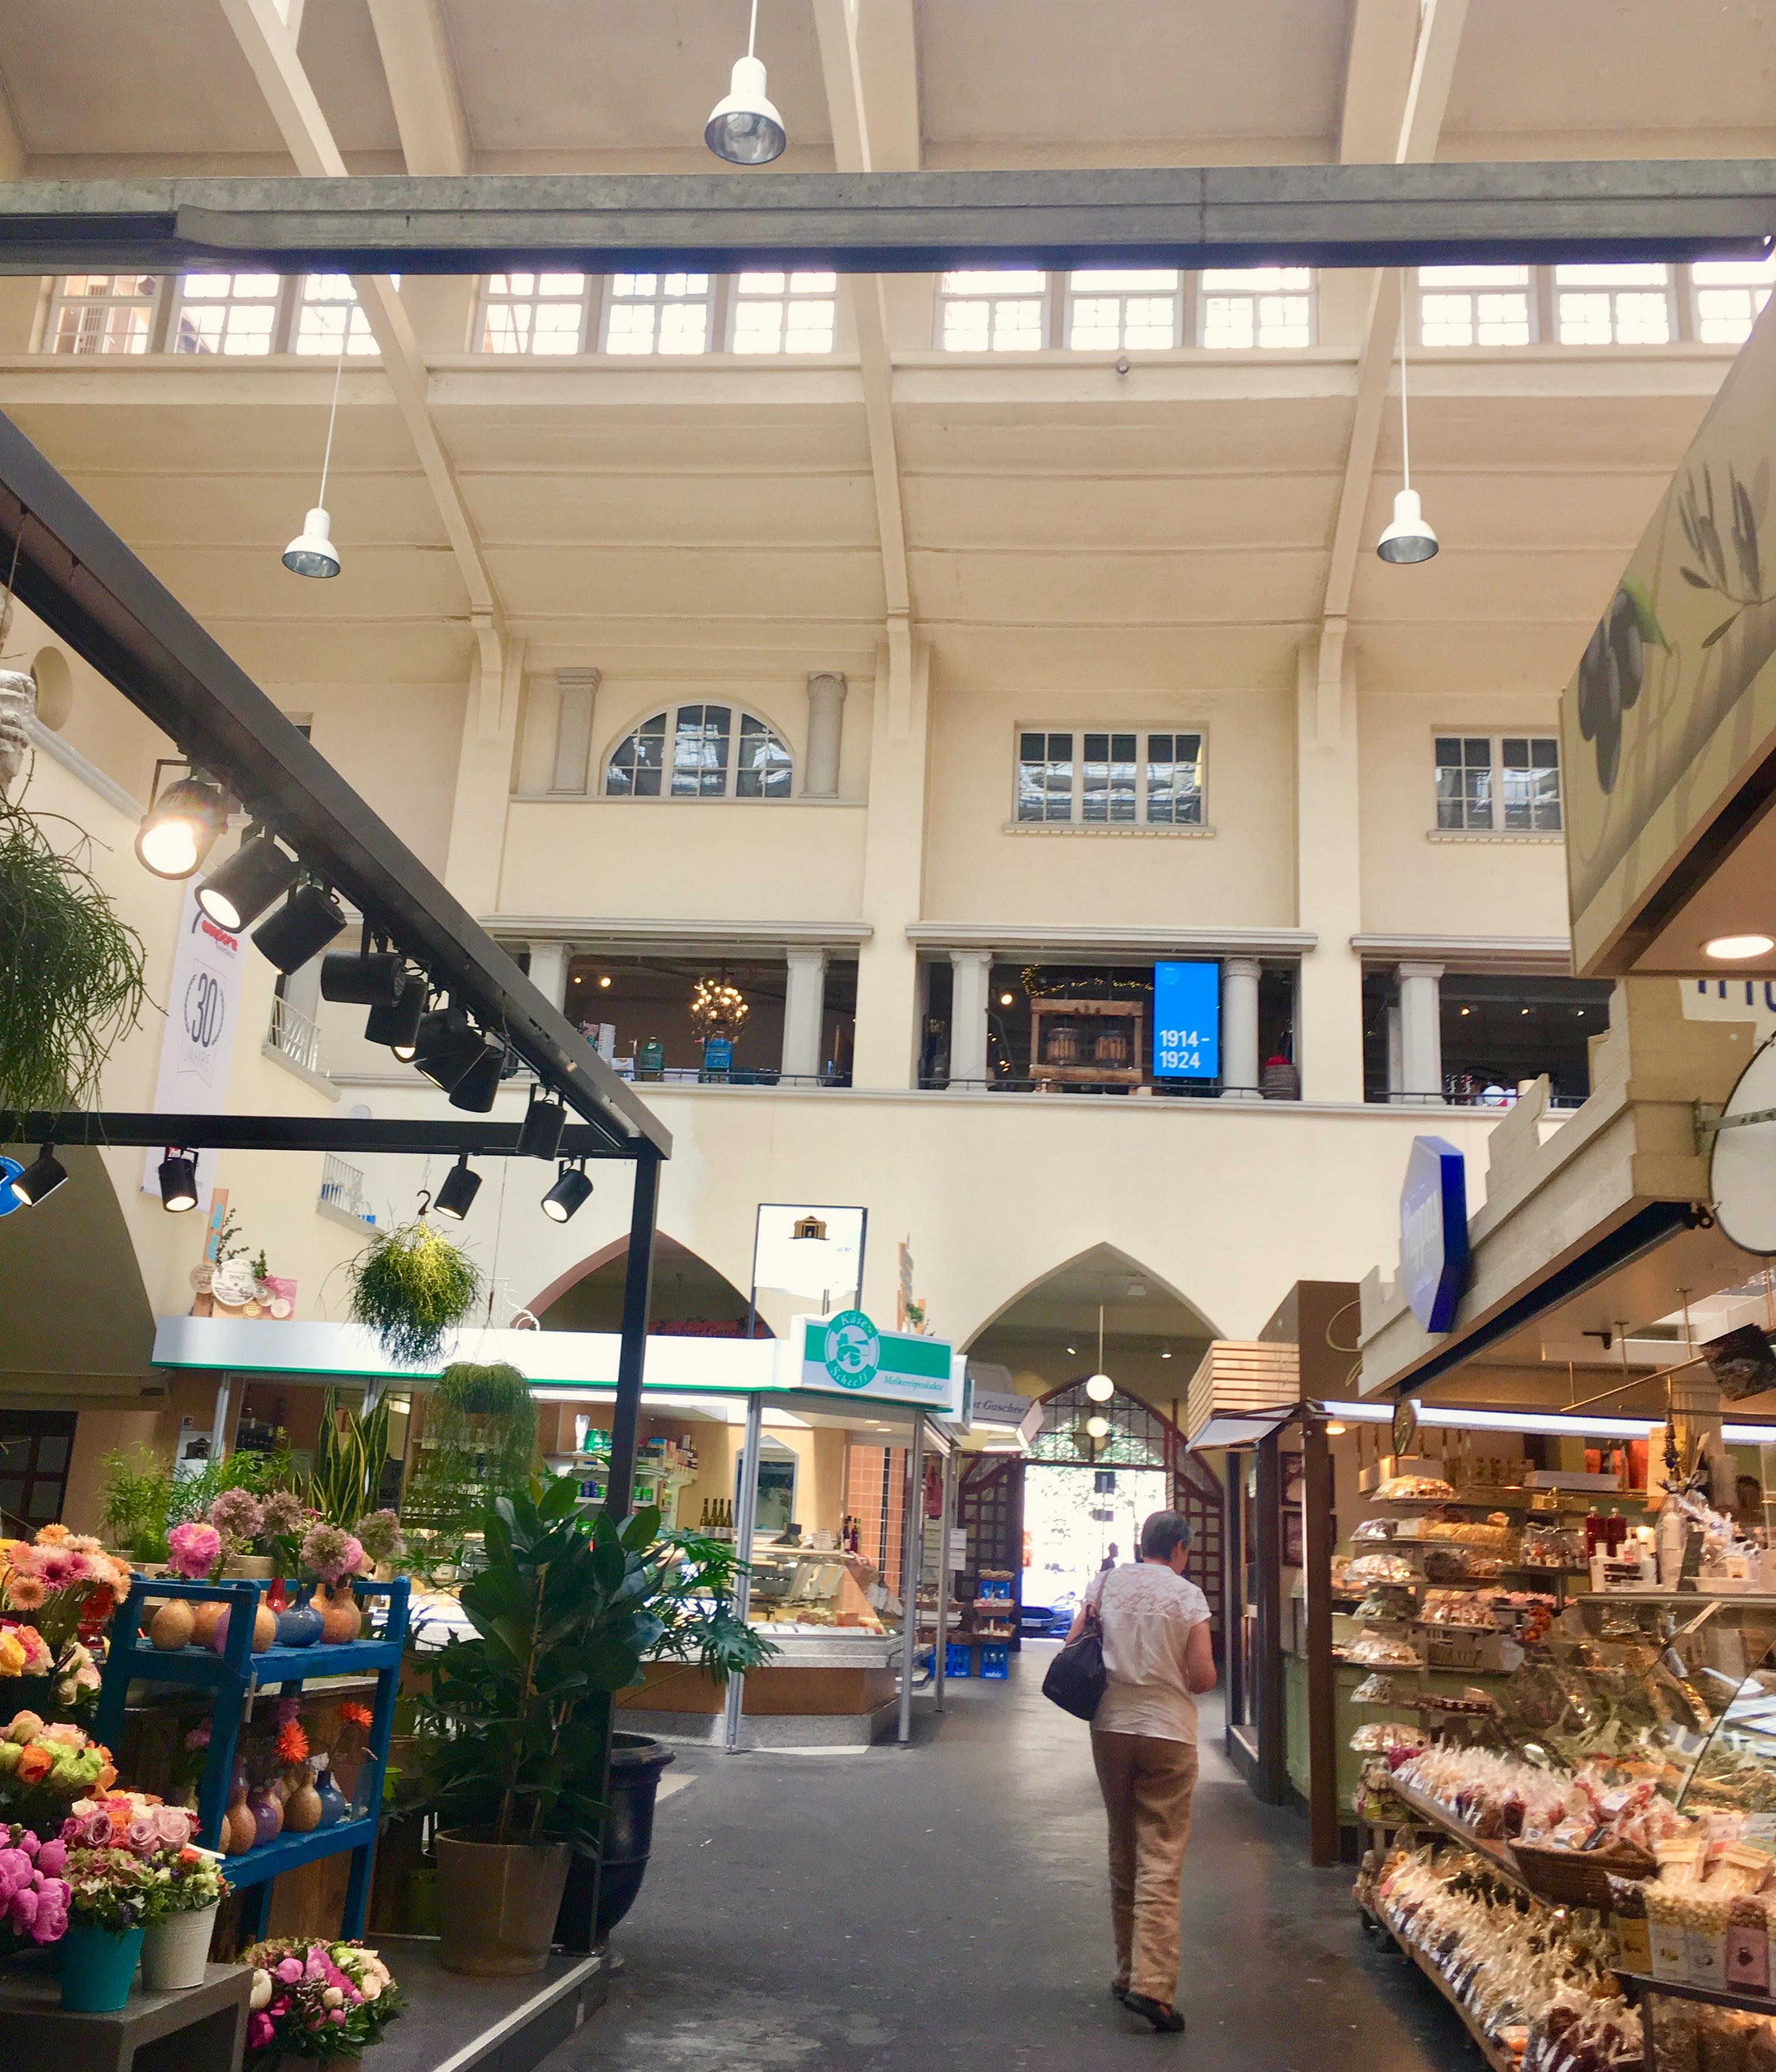 シュトゥットガルトのマルクトハレ・市場